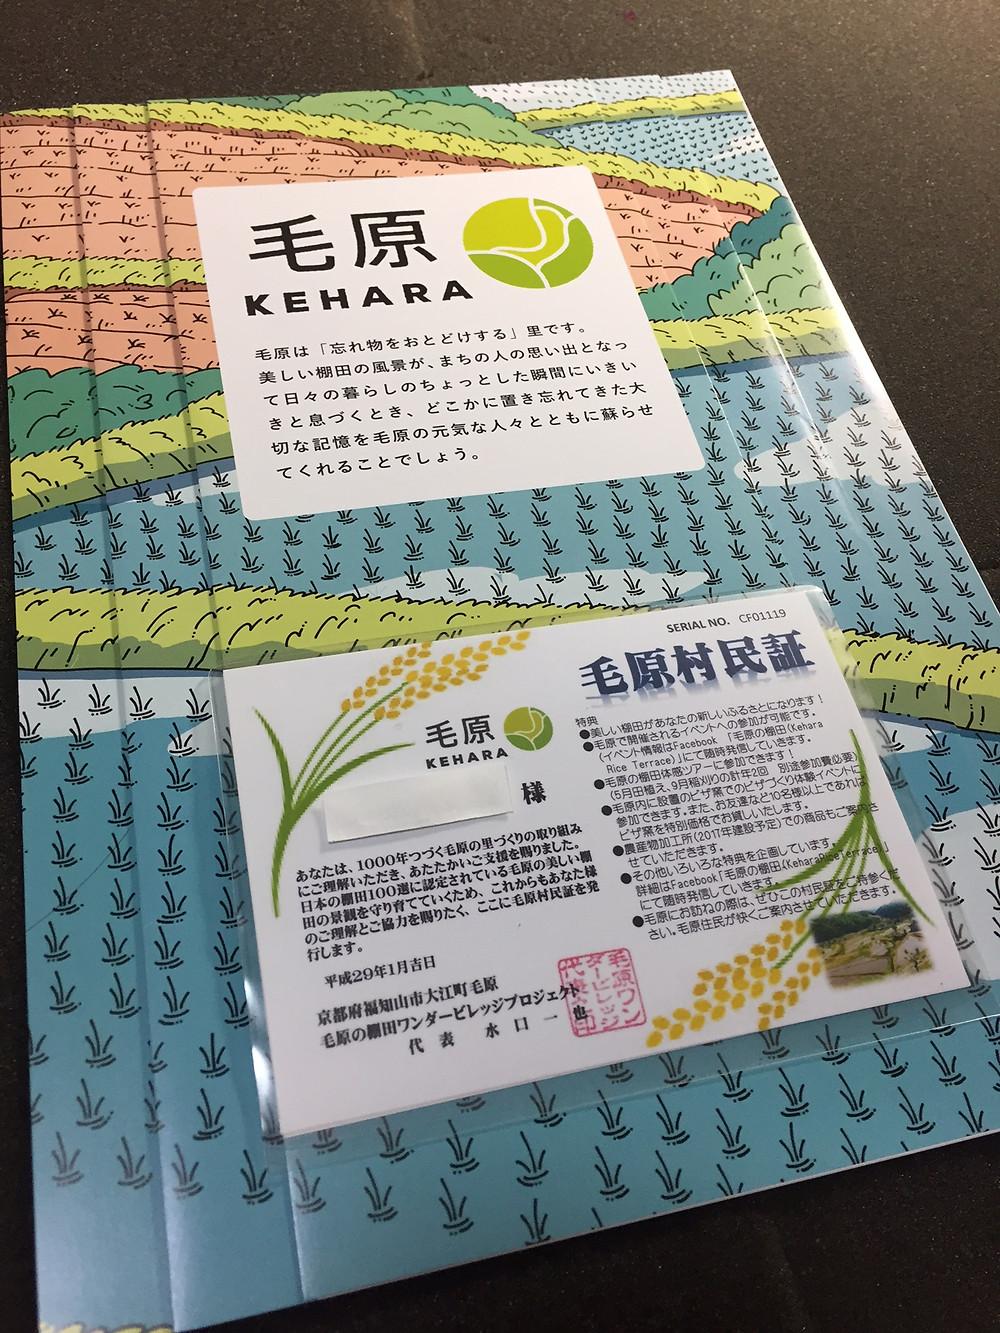 毛原に農産物加工所をつくるプロジェクトに賛同してくださった方々に、「毛原村民証」をお送りしています。